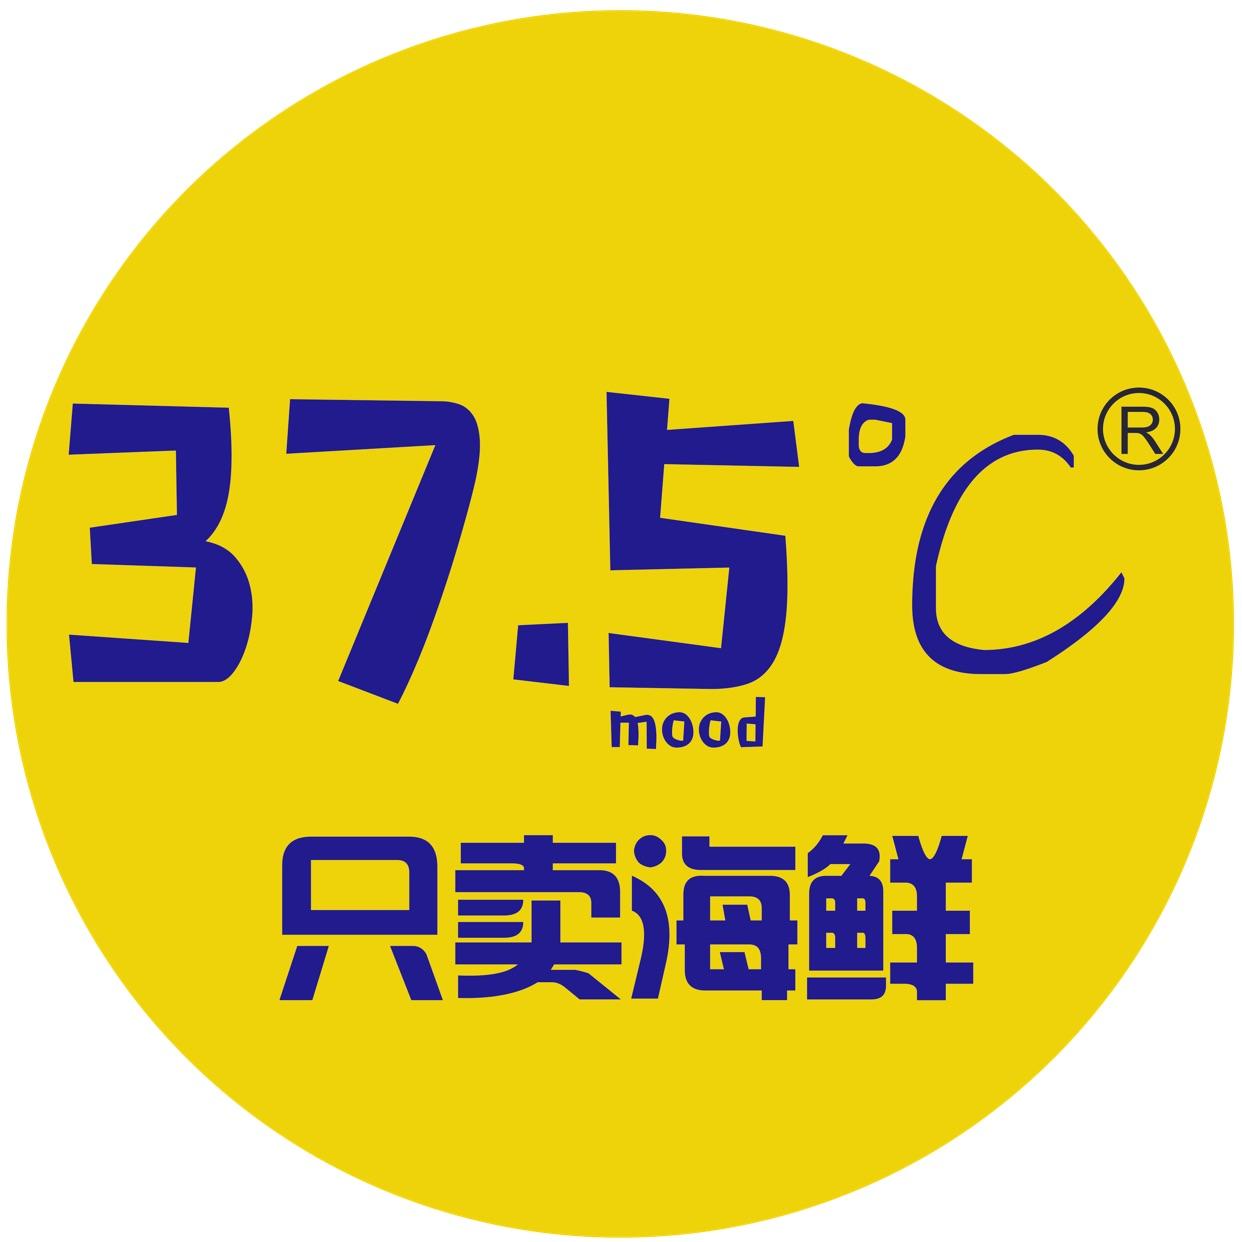 37.5℃mood只卖海鲜